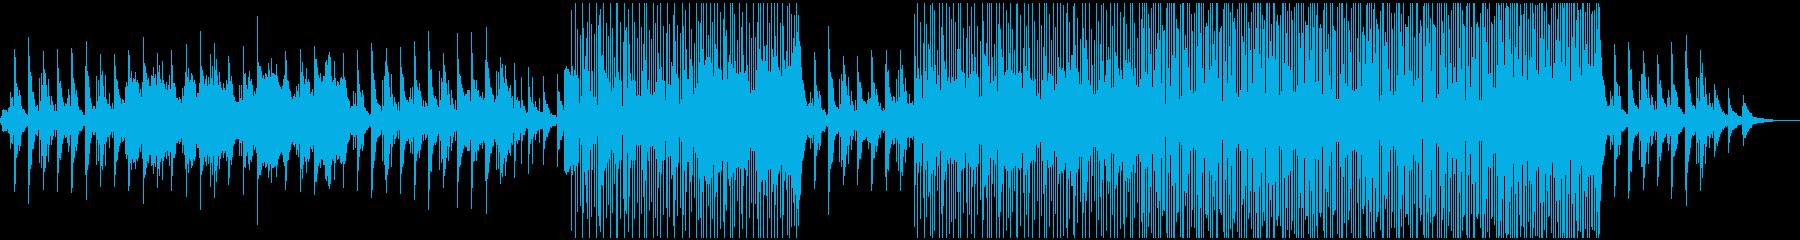 優しいピアノとストリングスのプレリュードの再生済みの波形